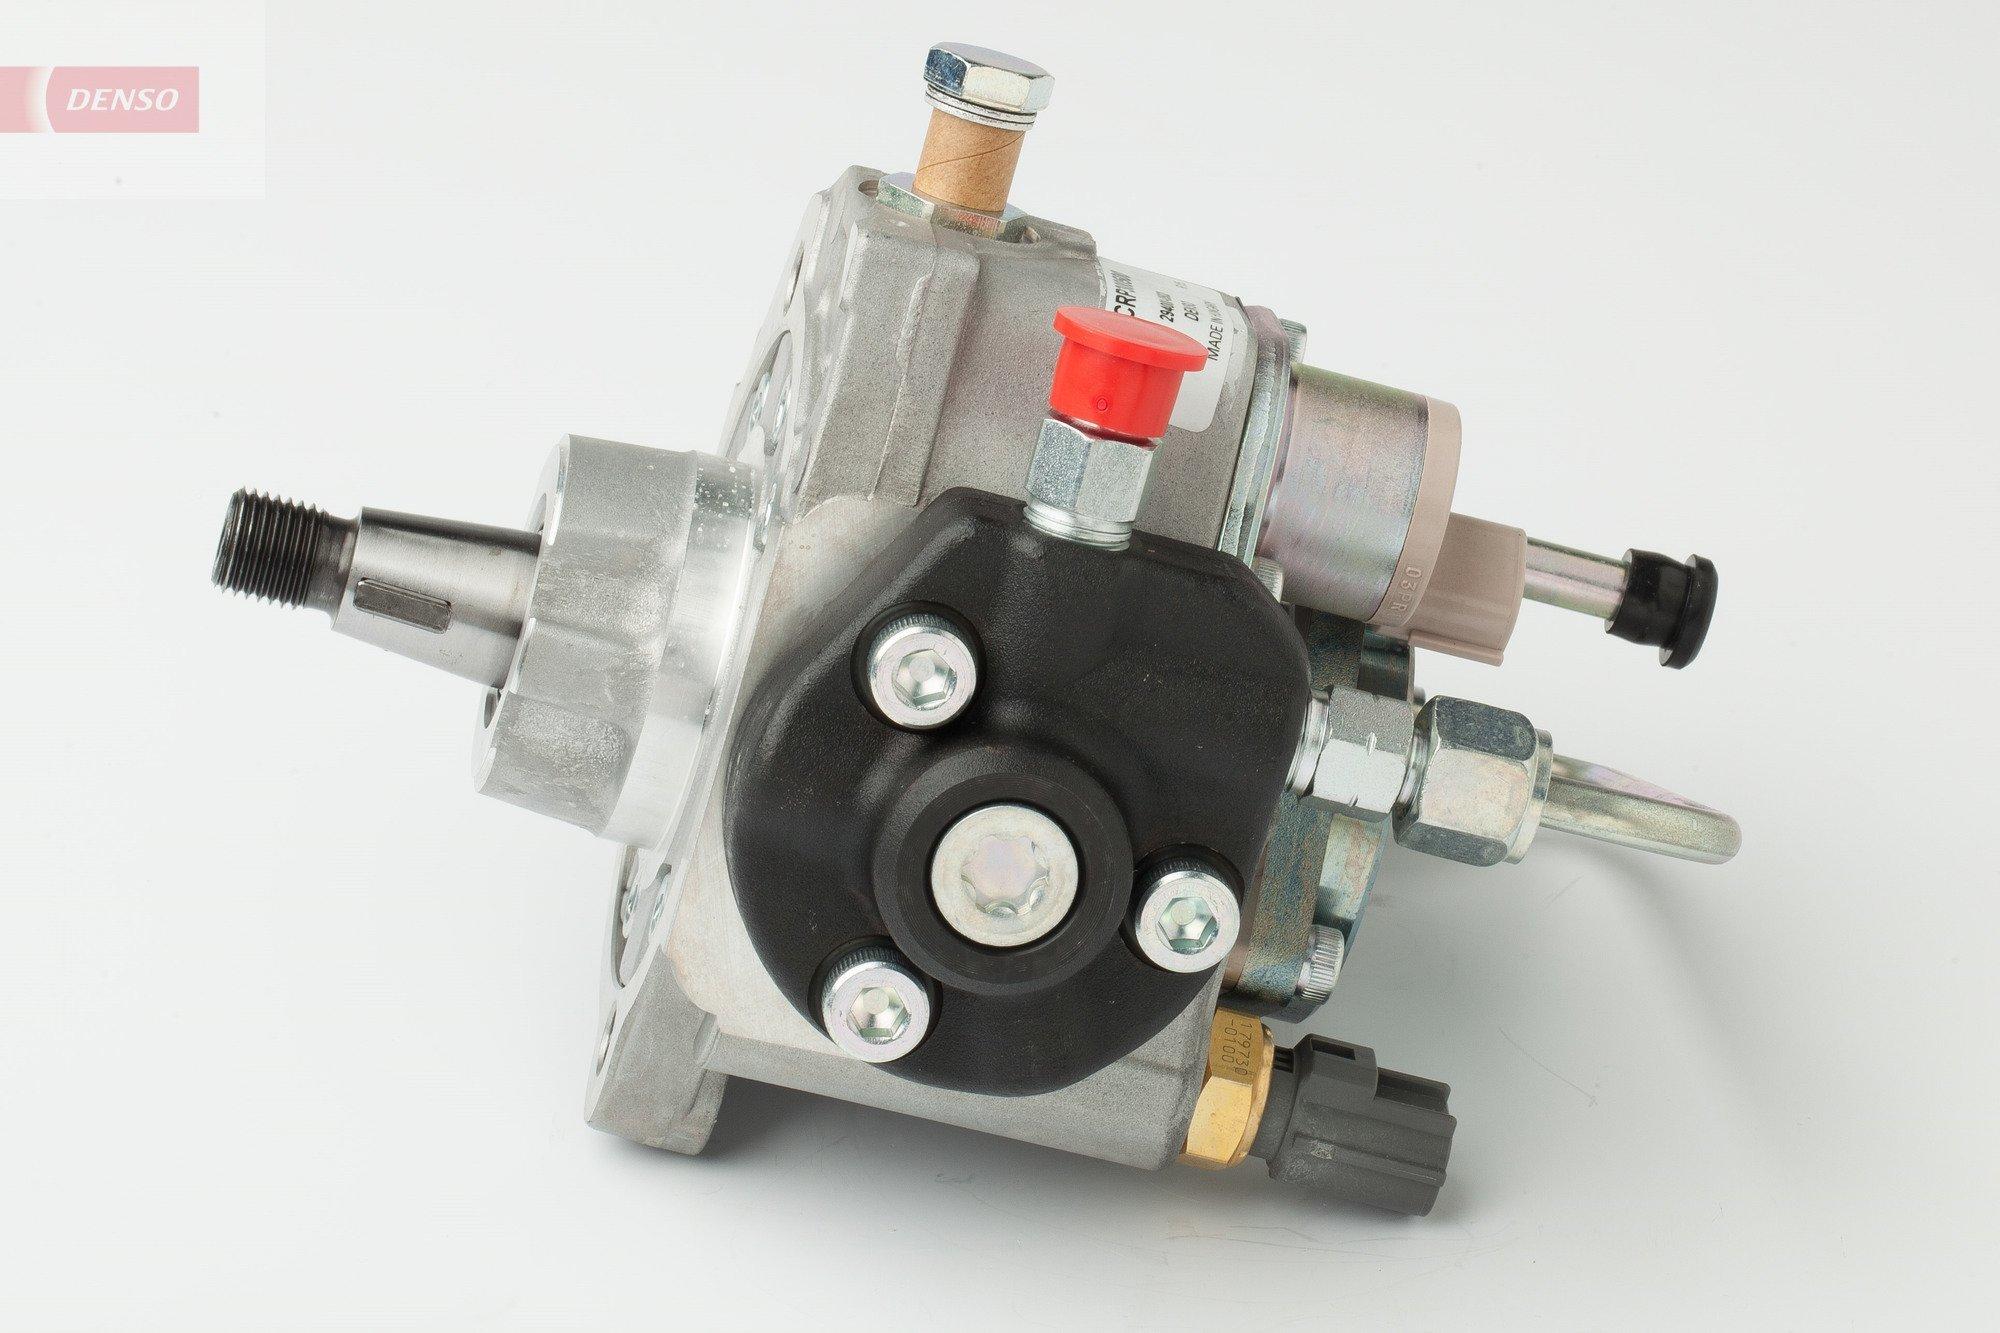 Hochdruckpumpe DENSO DCRP300500